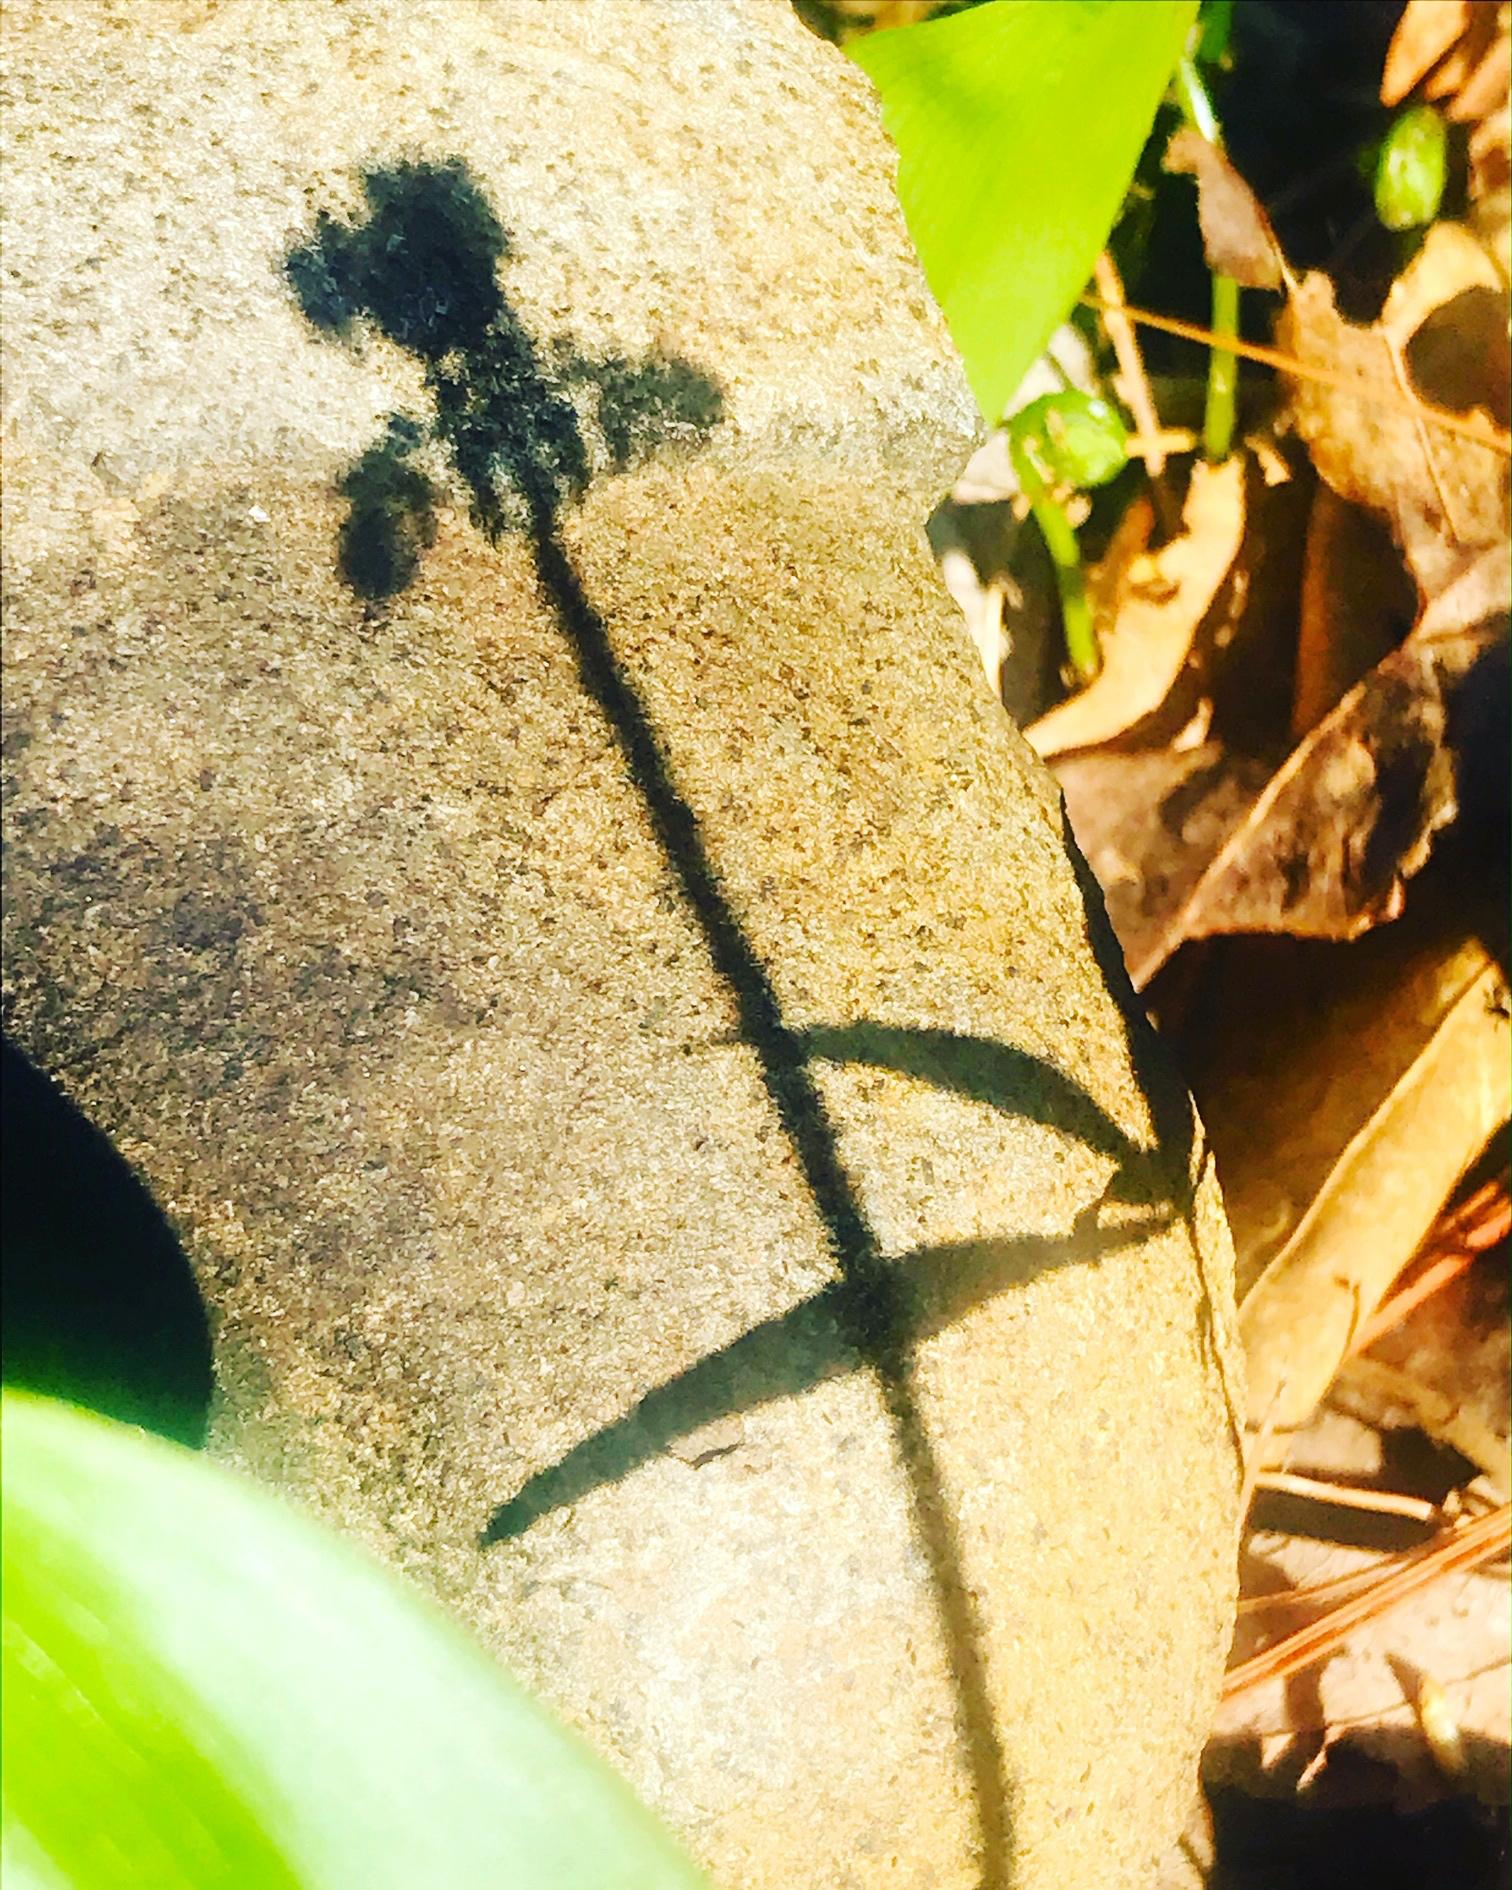 fernshadow.JPG